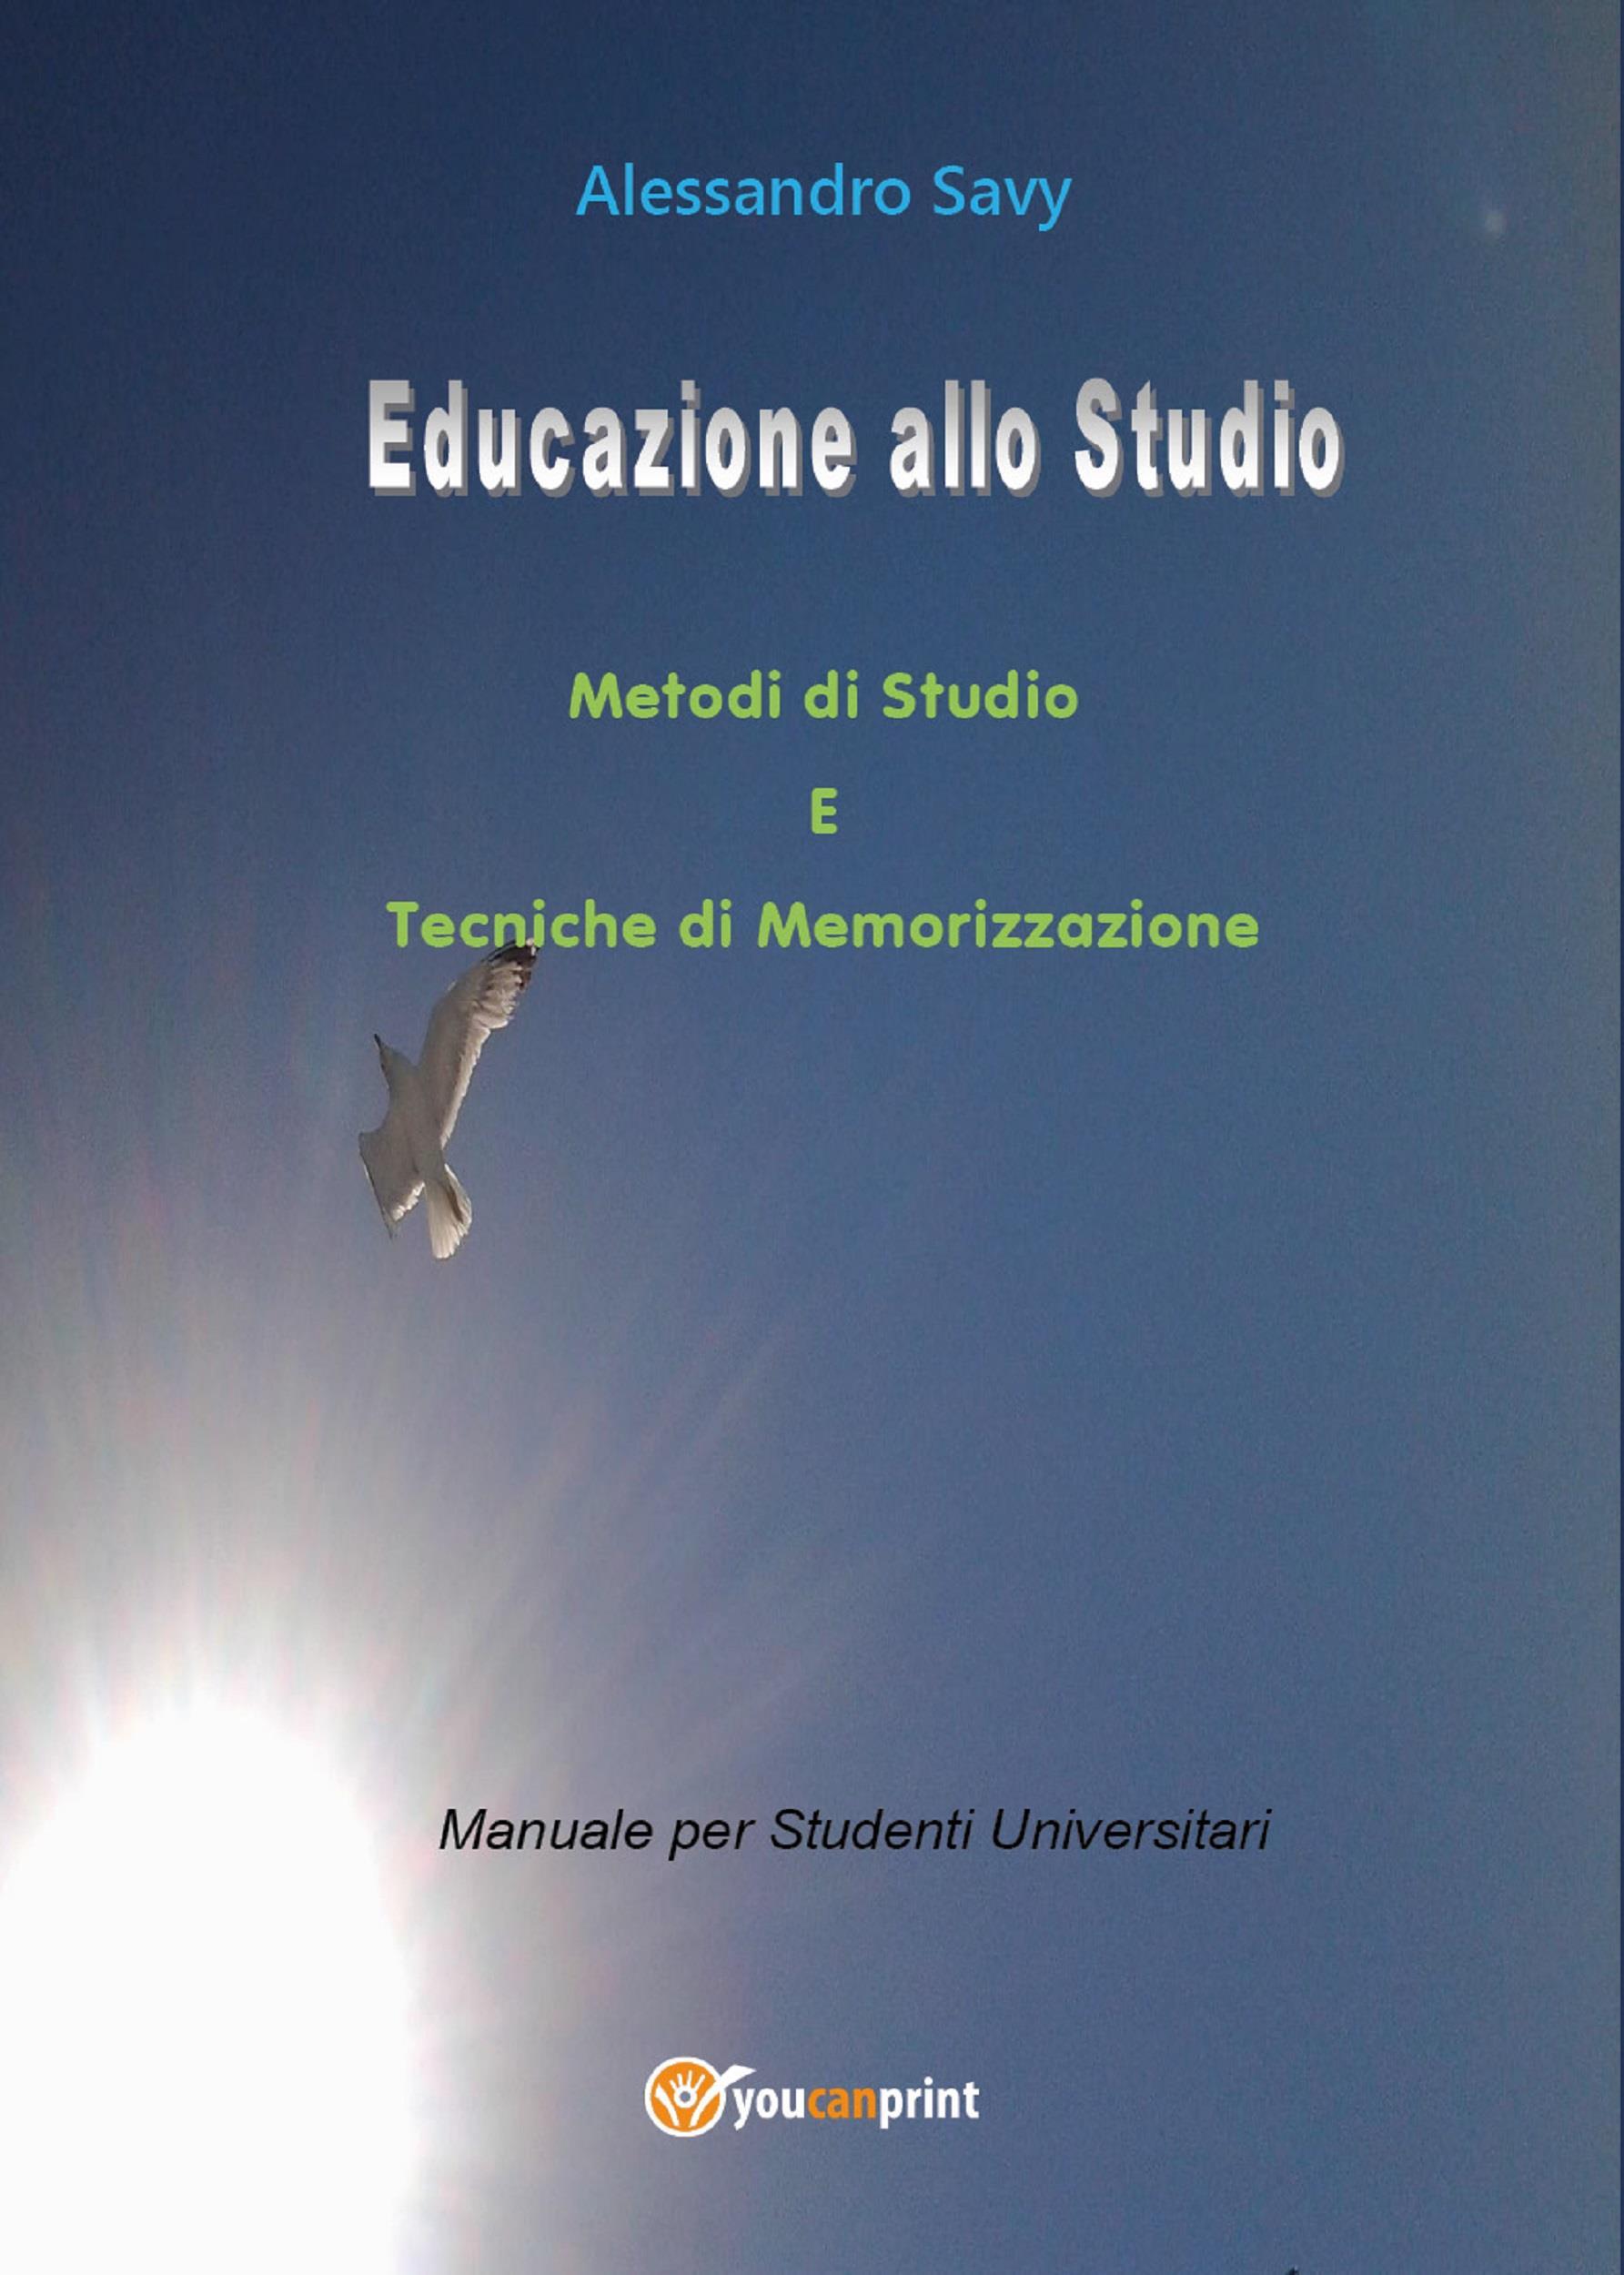 Educazione allo studio. Metodi di Studio e Tecniche di Memorizzazione.